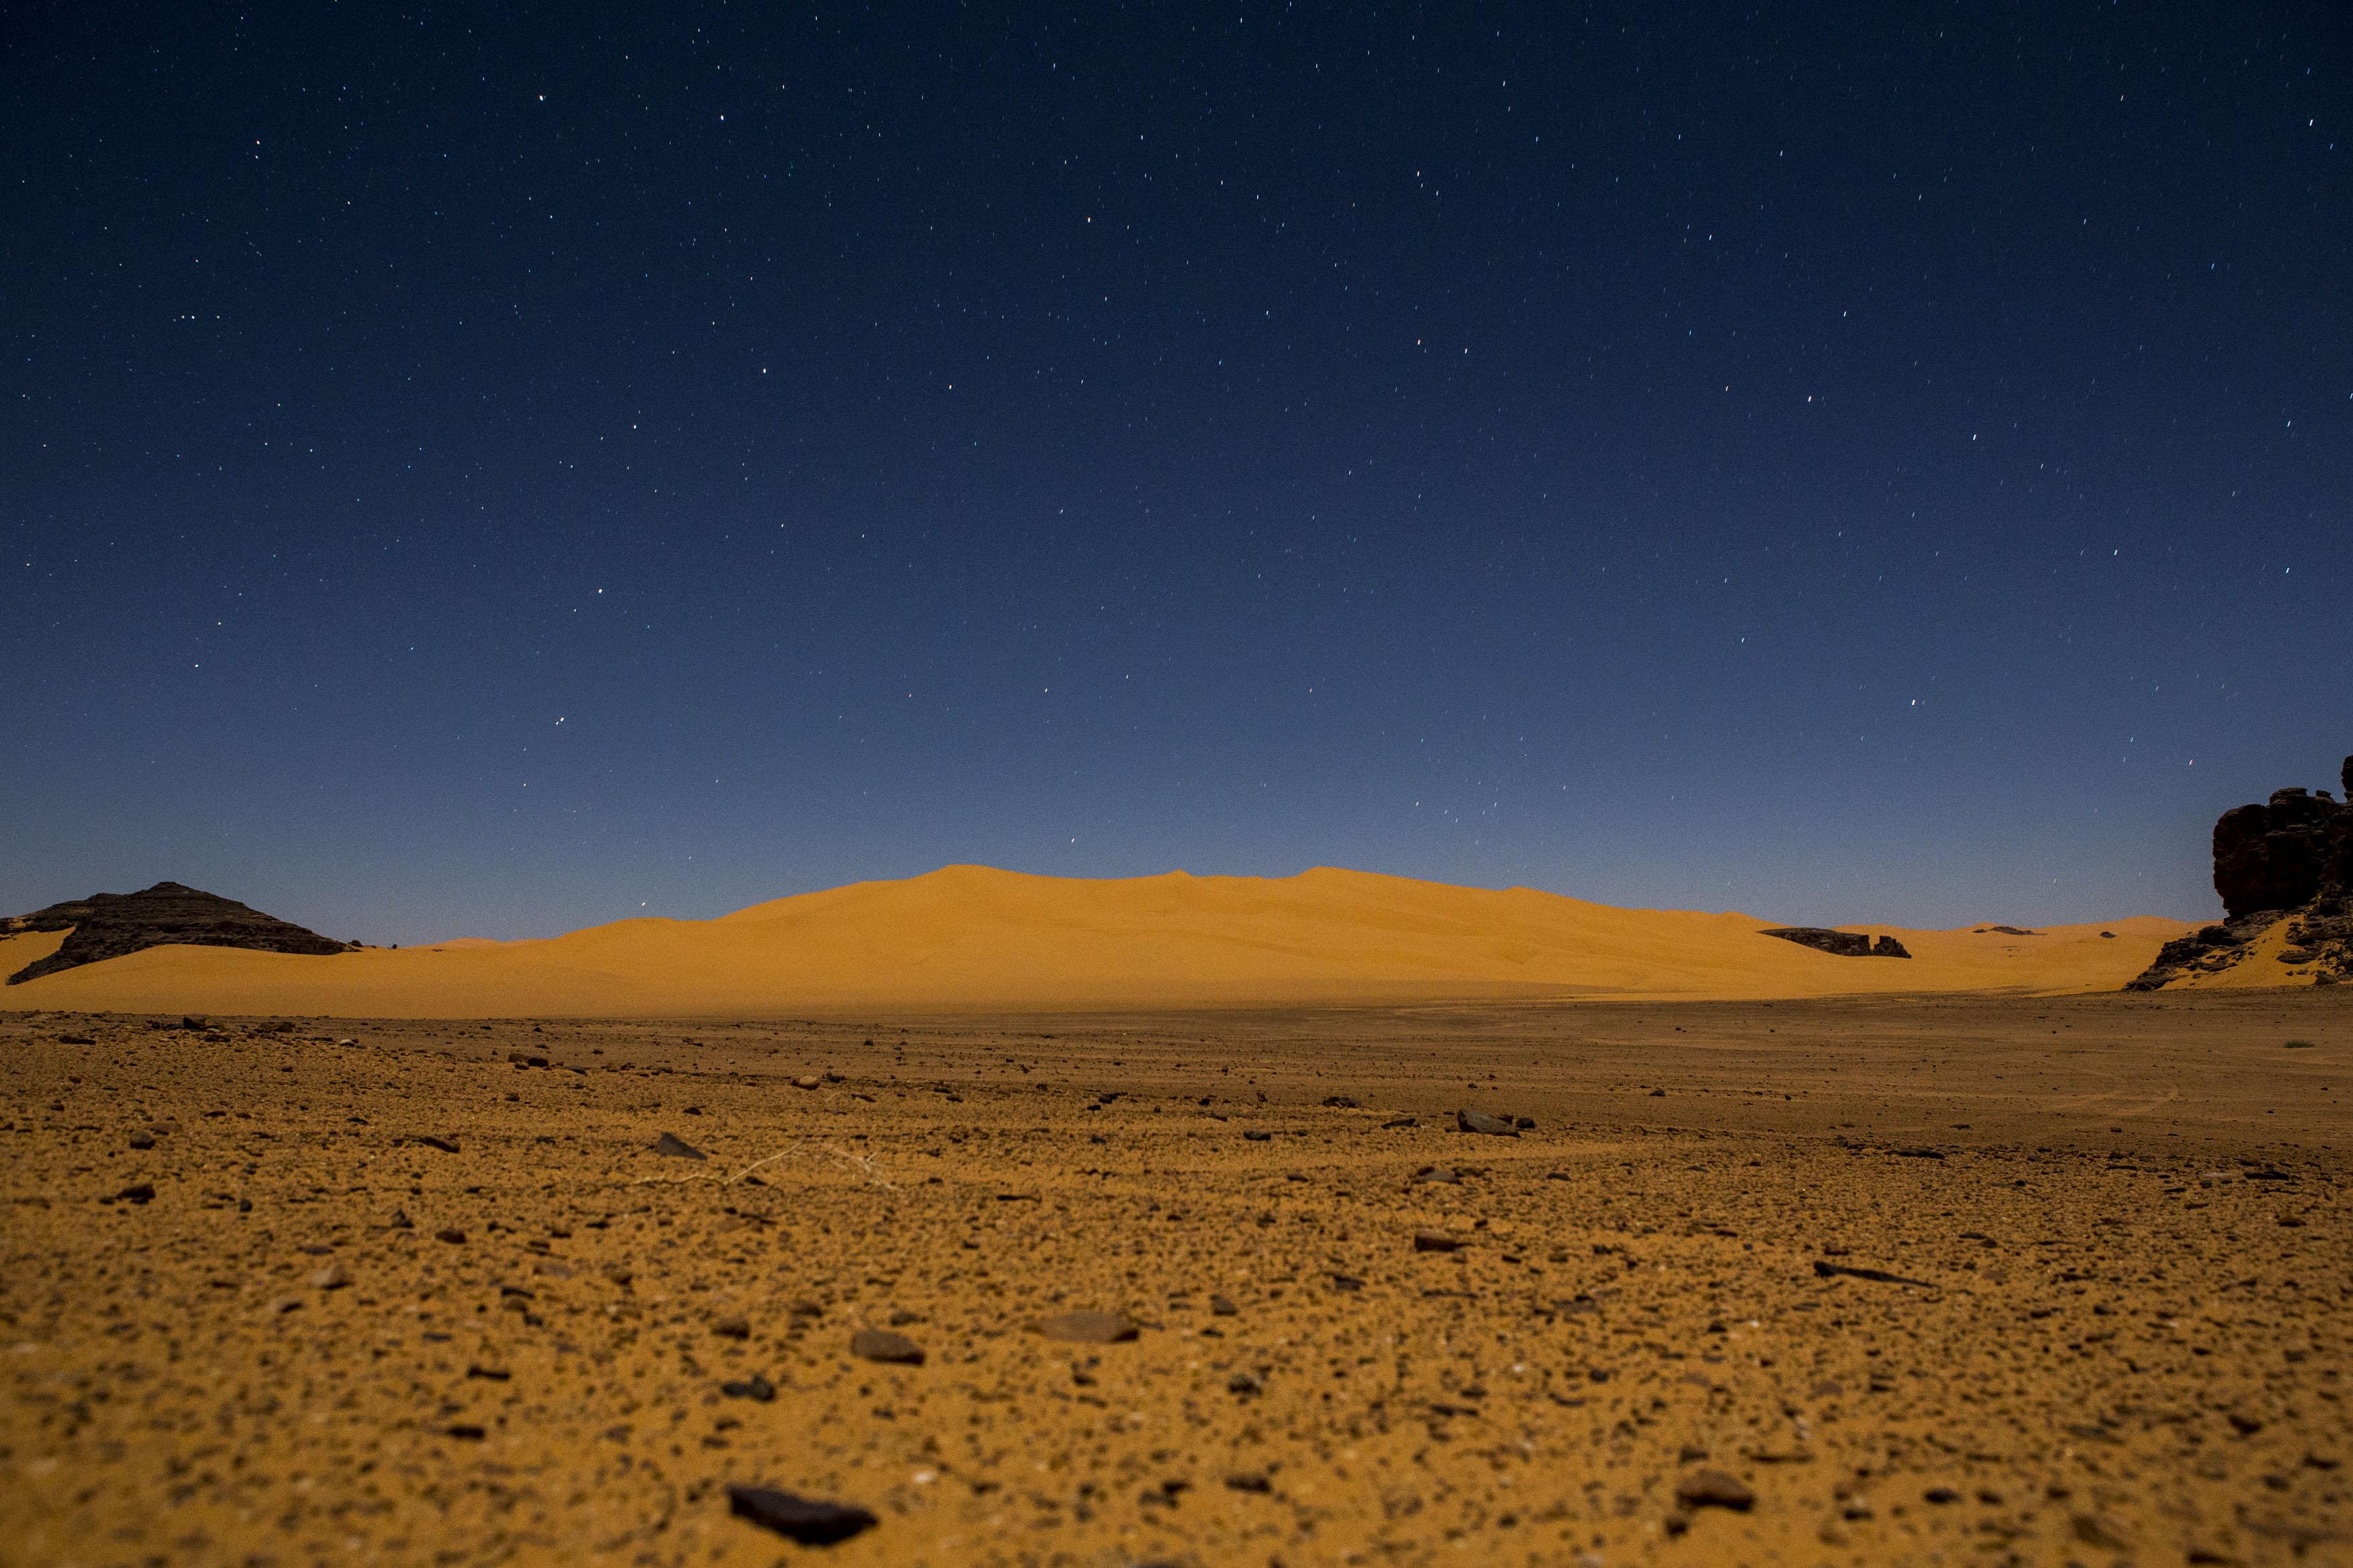 Night landscape in the Tadrart. The Tadrart (200 km southeast of Djanet) is located in the south of the Tassili N'Ajjer National Park and is part of one of the most beautiful deserts in the world but above all in the central Sahara.From huge canyons to cliffs carved with rocky peaks of various shapes mix with dunes of colored sand with yellow and red reflections. La Tadrart, Algeria-February 6, 2017.Paysage de nuit dans la Tadrart. La Tadrart (200 km au sud-est de Djanet) se situe dans le sud du Parc National du Tassili N'Ajjer et il fait partie d'un des plus beau désert au monde mais avant tout du Sahara central. D'immenses canyons aux falaises sculptées avec de pitons rocheux aux formes les plus diverses  se mélangent avec des dunes de sable coloré aux reflets jaune et rouge. La Tadrart, Algérie-6 février 2017.